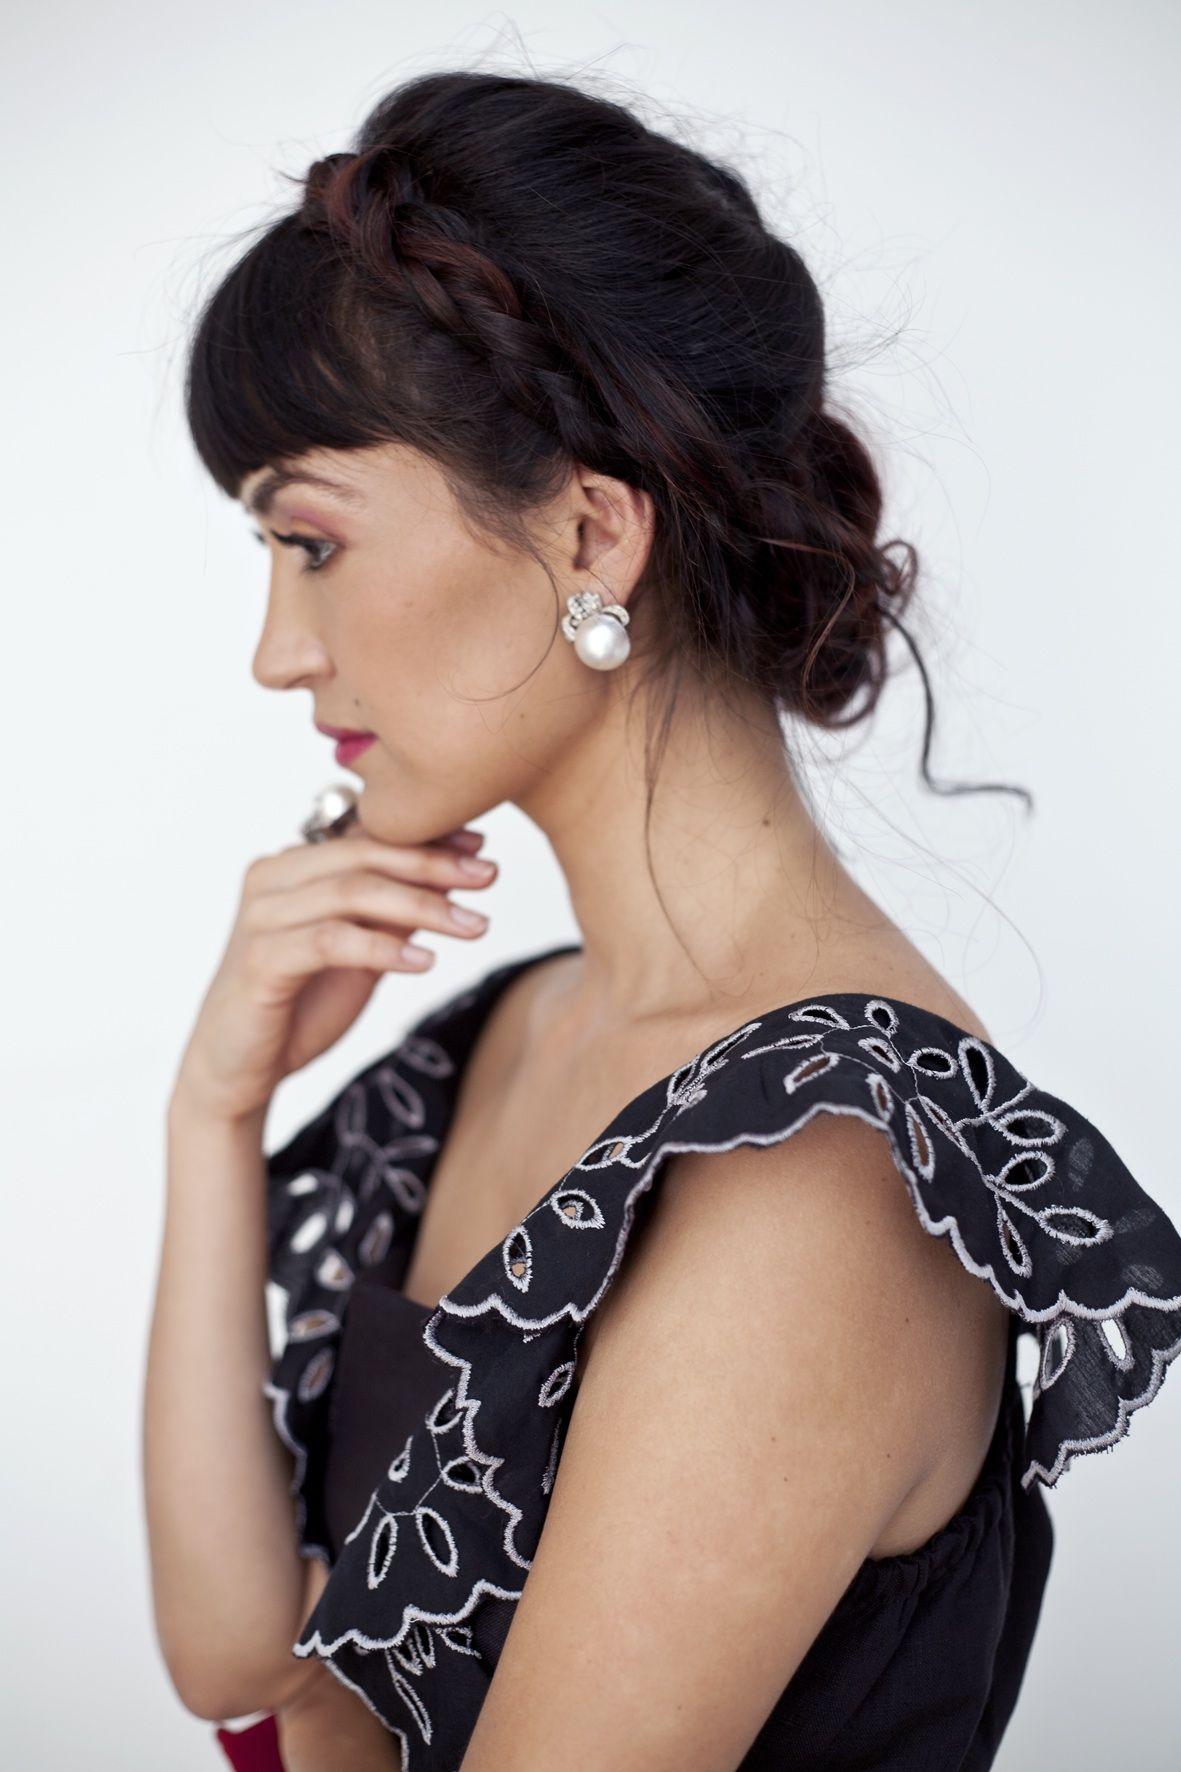 Vestido Dar, Fábrica Social 2013  #fabricasocial, #diseñomexicano, #modamexicana, #mexicandesign, #comerciojusto, #fairtrade